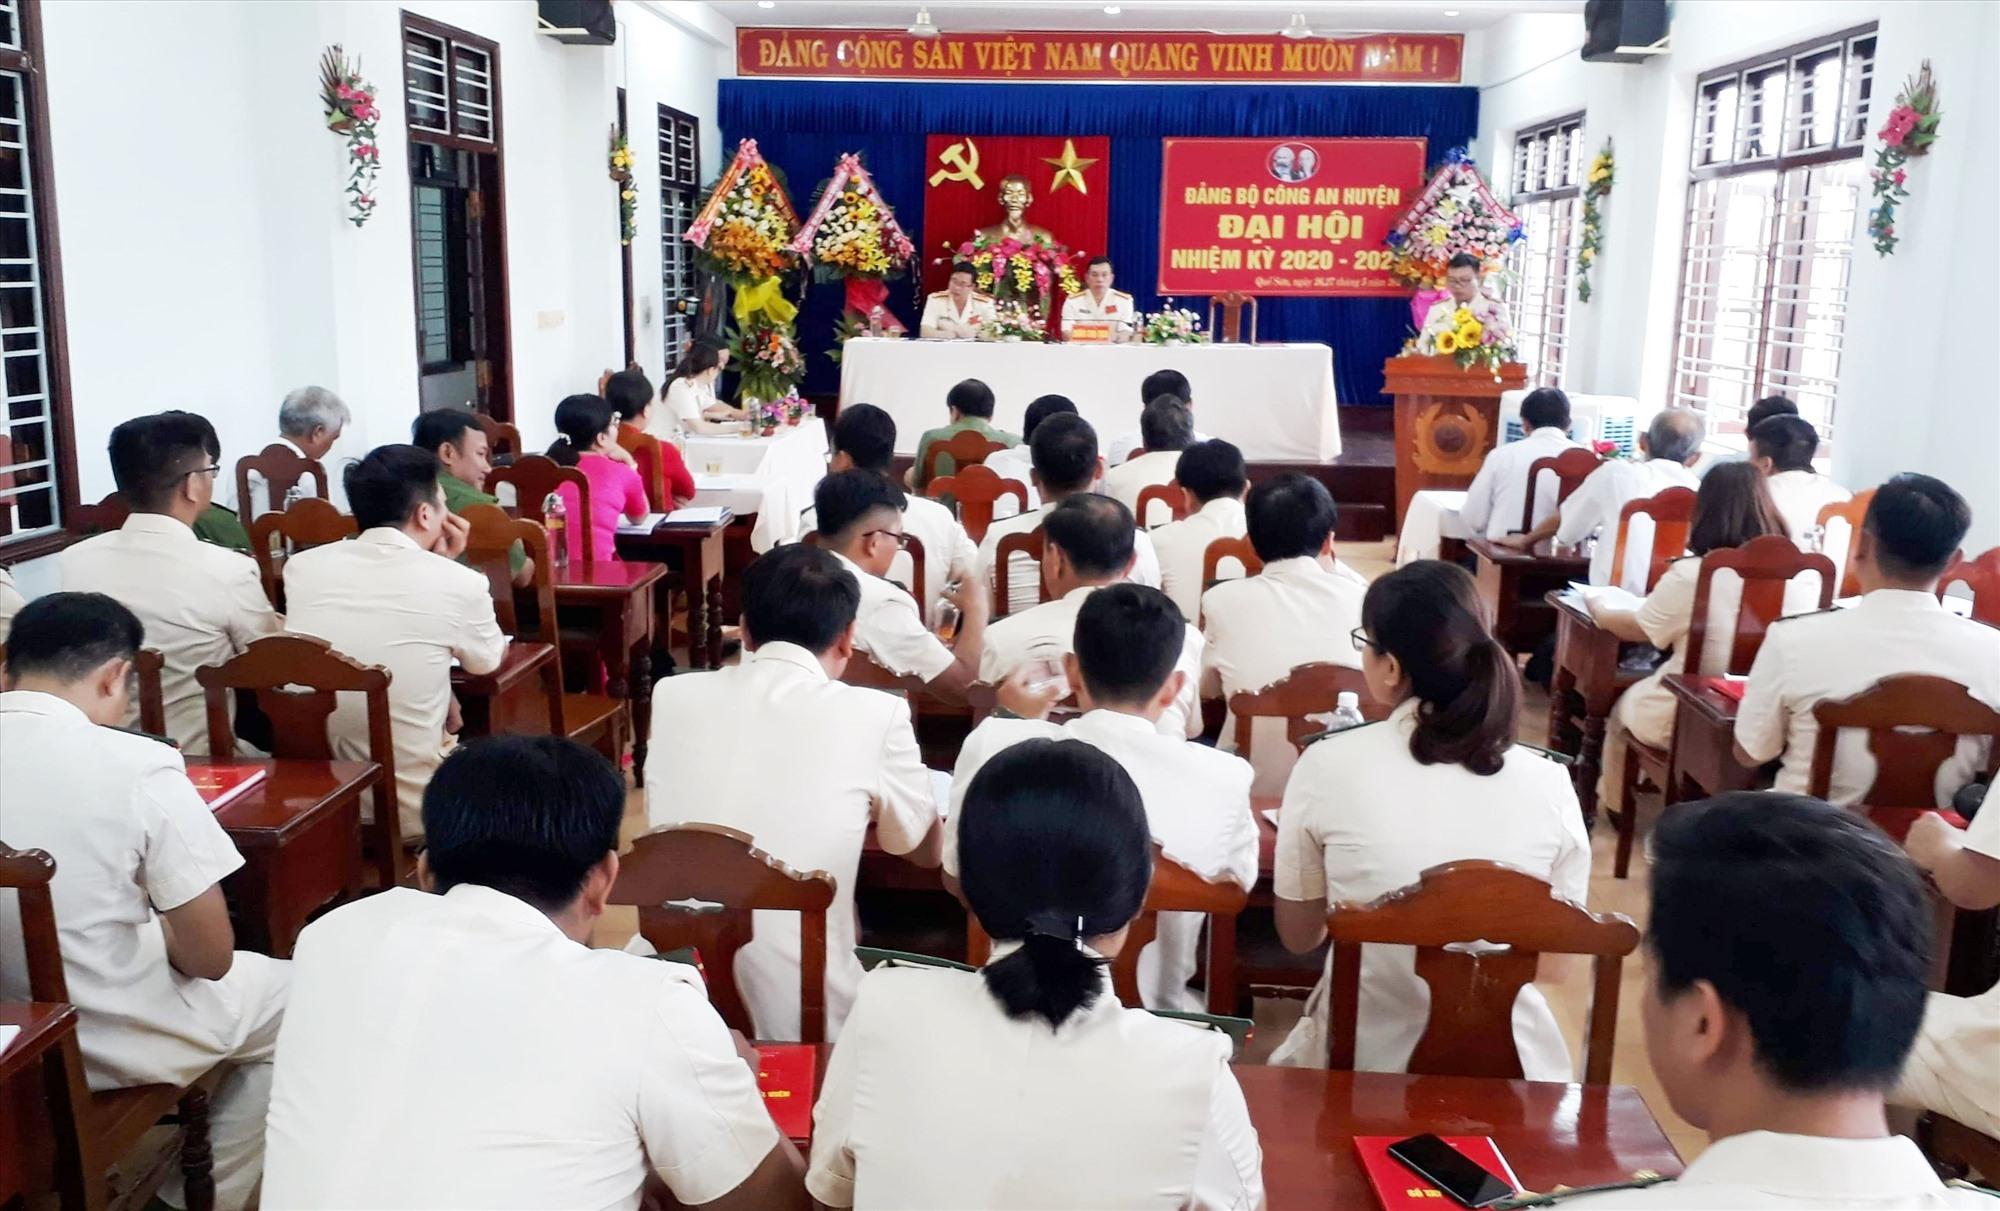 Đại hội Đảng bộ Công an huyện Quế Sơn nhiệm kỳ 2020 - 2025. Ảnh: DUY THÁI